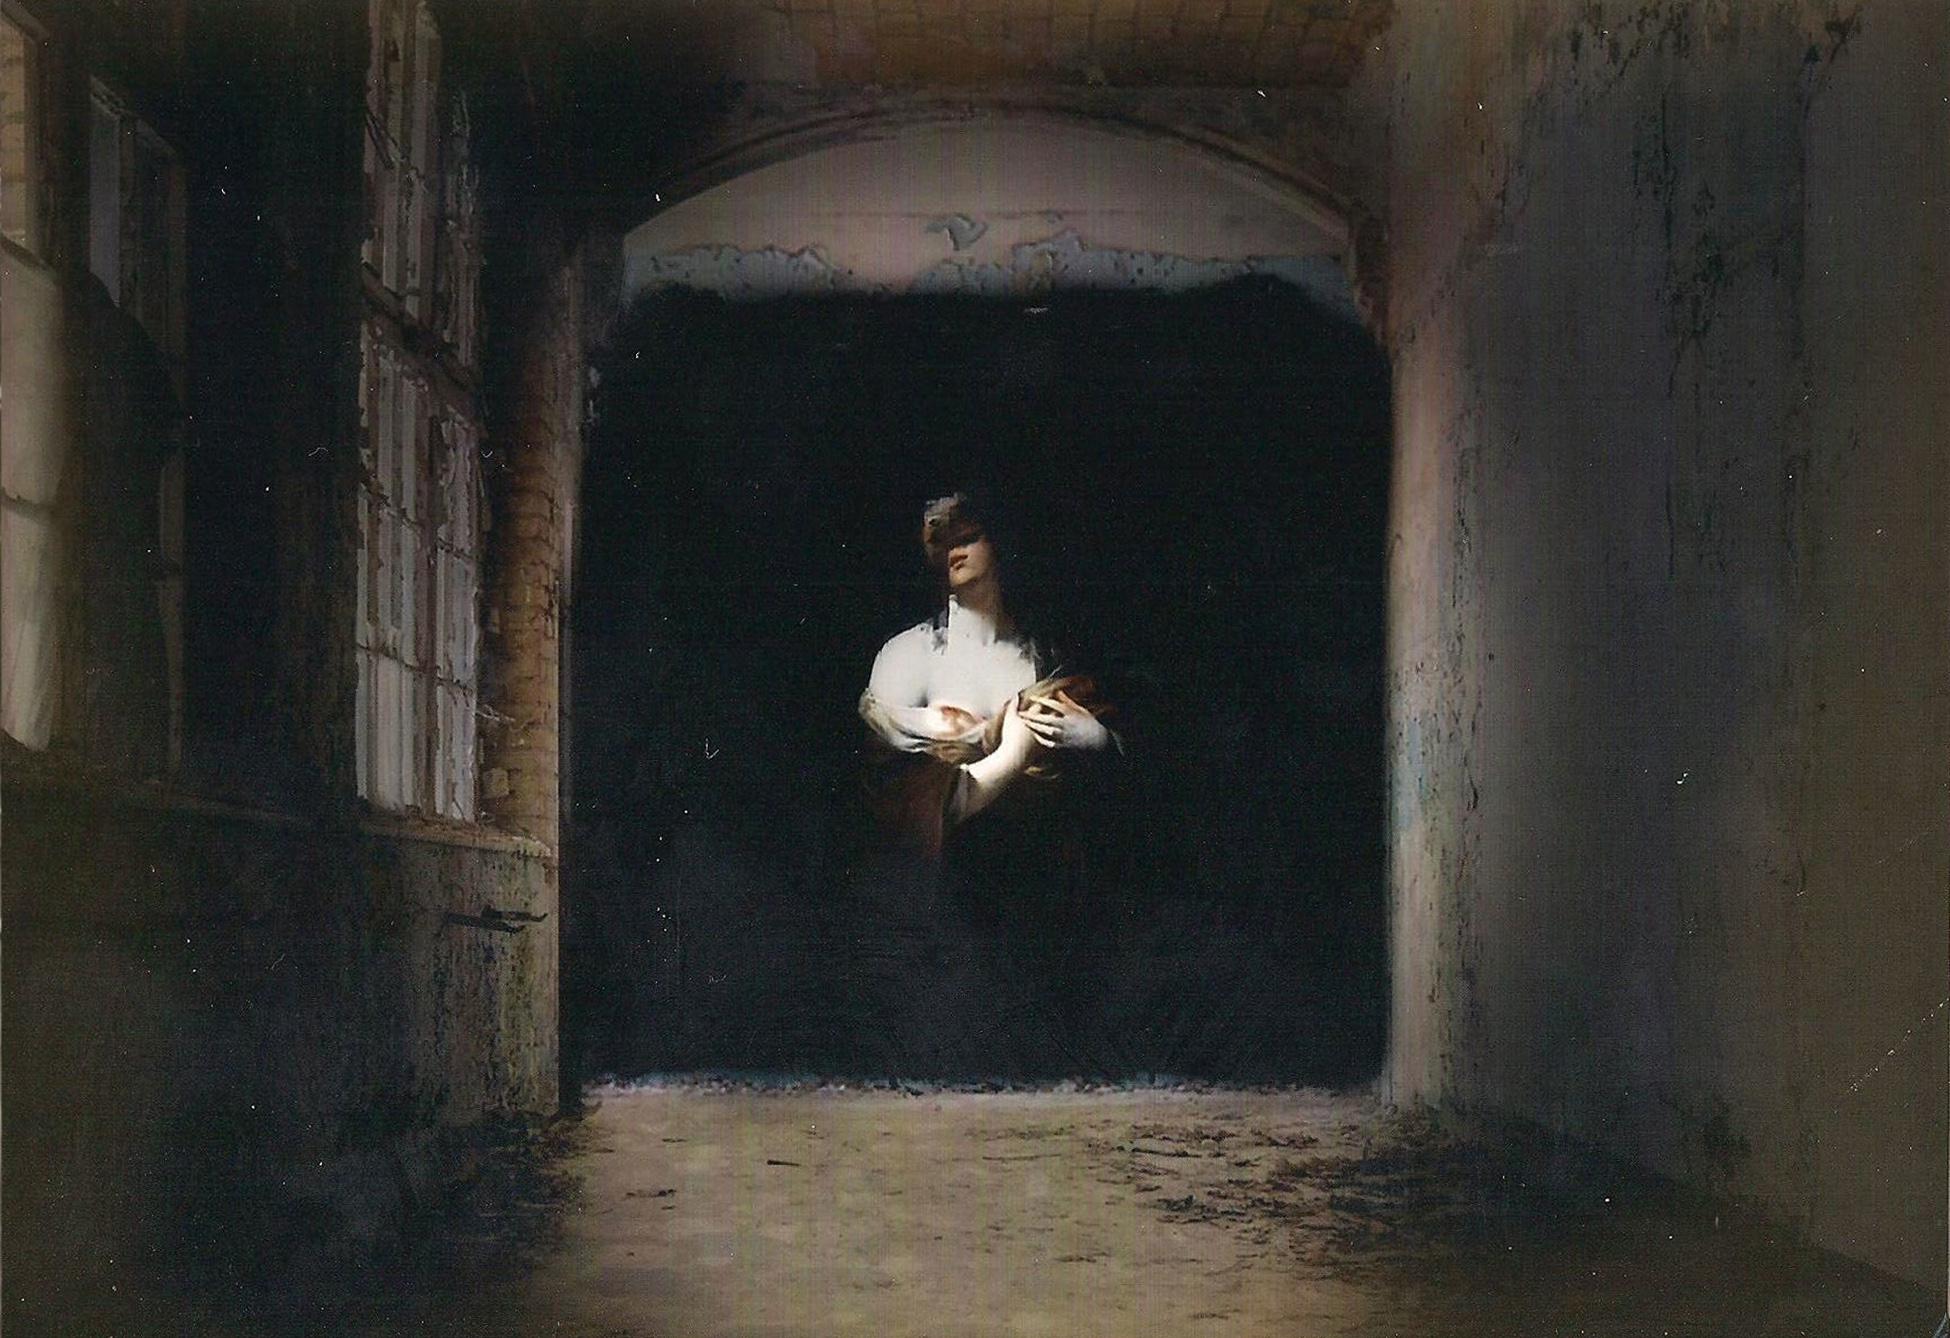 Des Peintures Baroques Surgissent De L Obscurite